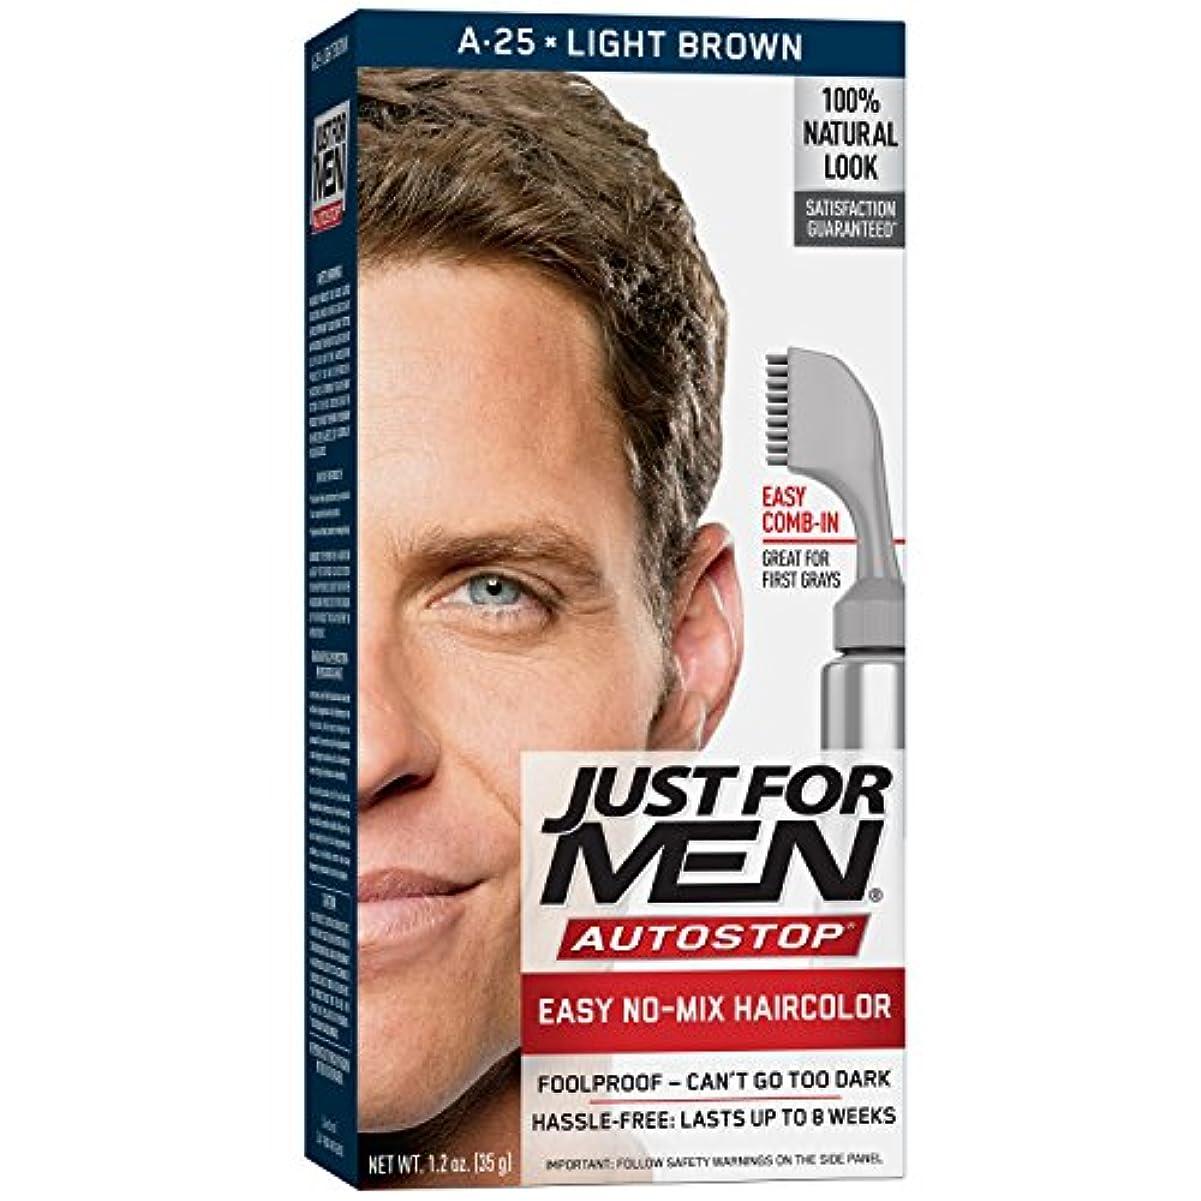 かける有害オリエントJust For Men Autostop A25 Light Brown (Pack of 3) (並行輸入品)